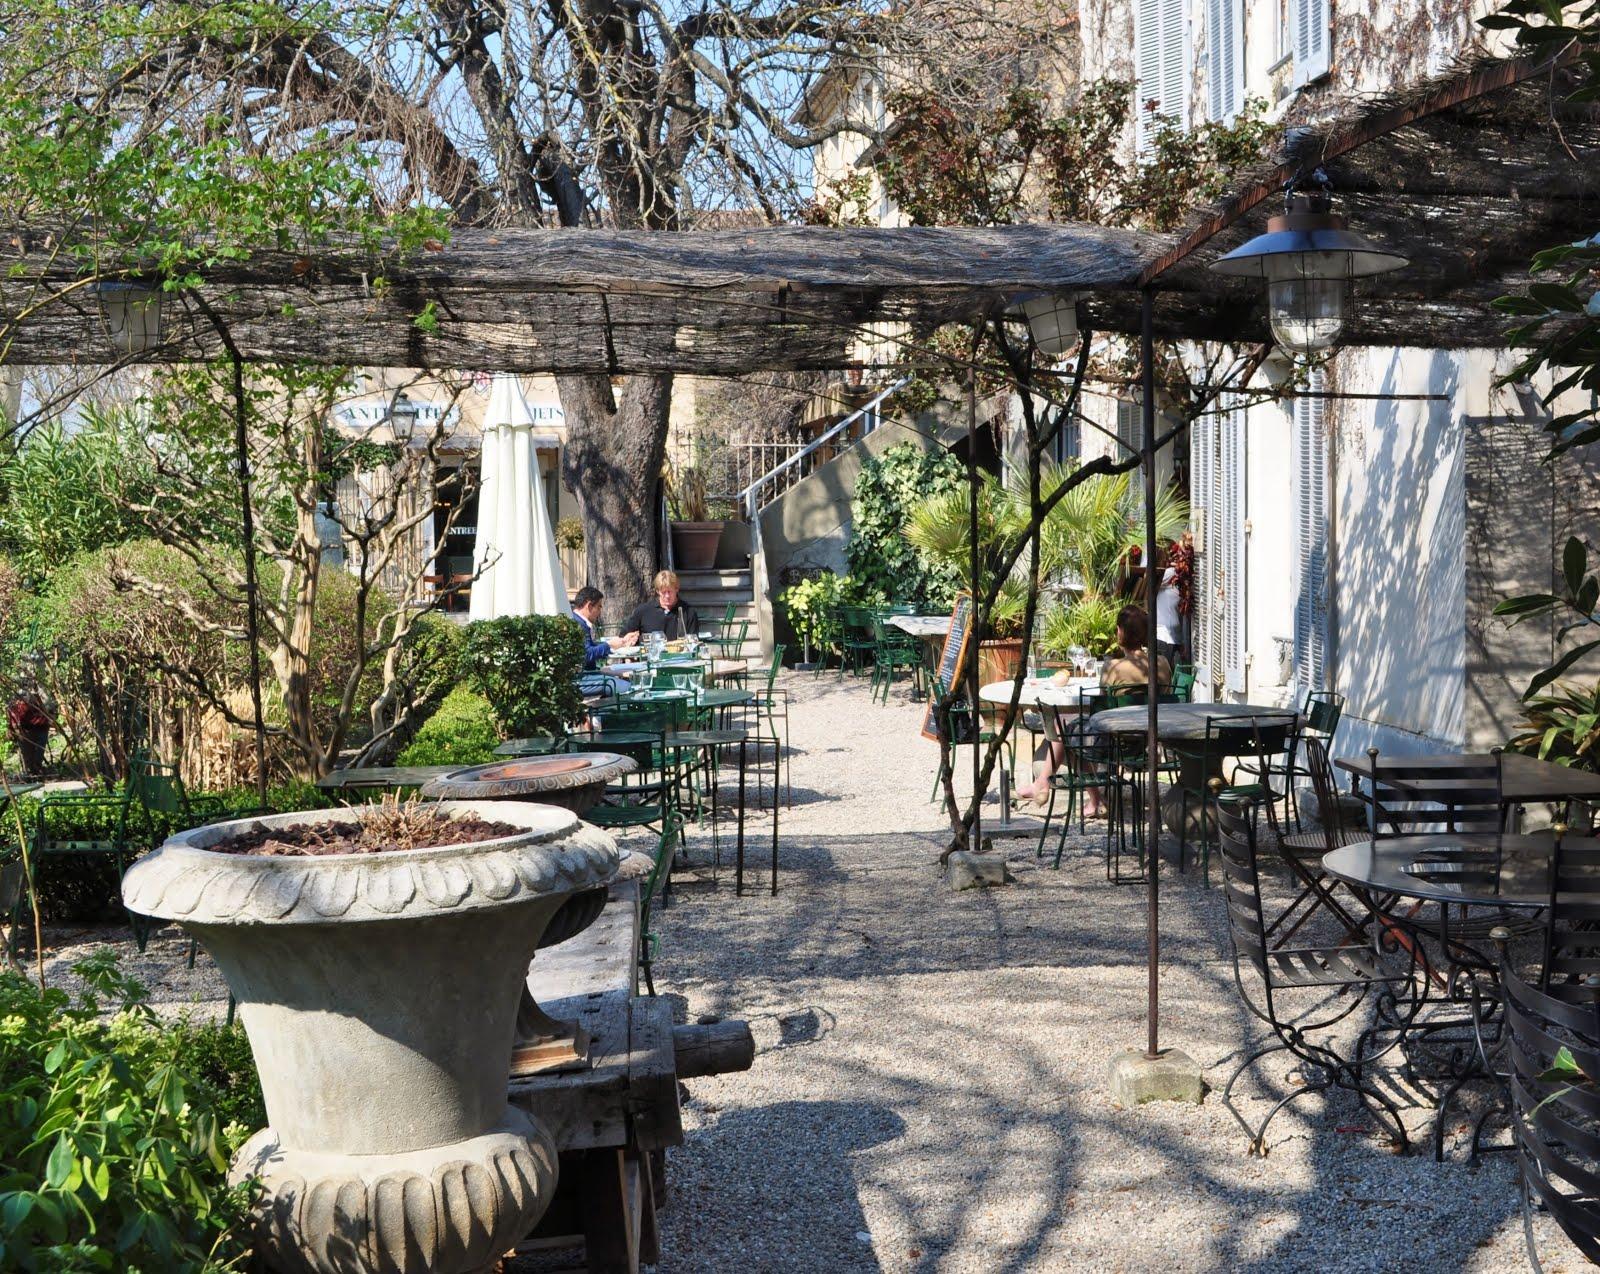 Le Jardin Des Sens Bandol our house in provence: l'isle-sur-la-sorgue, antique capital of the